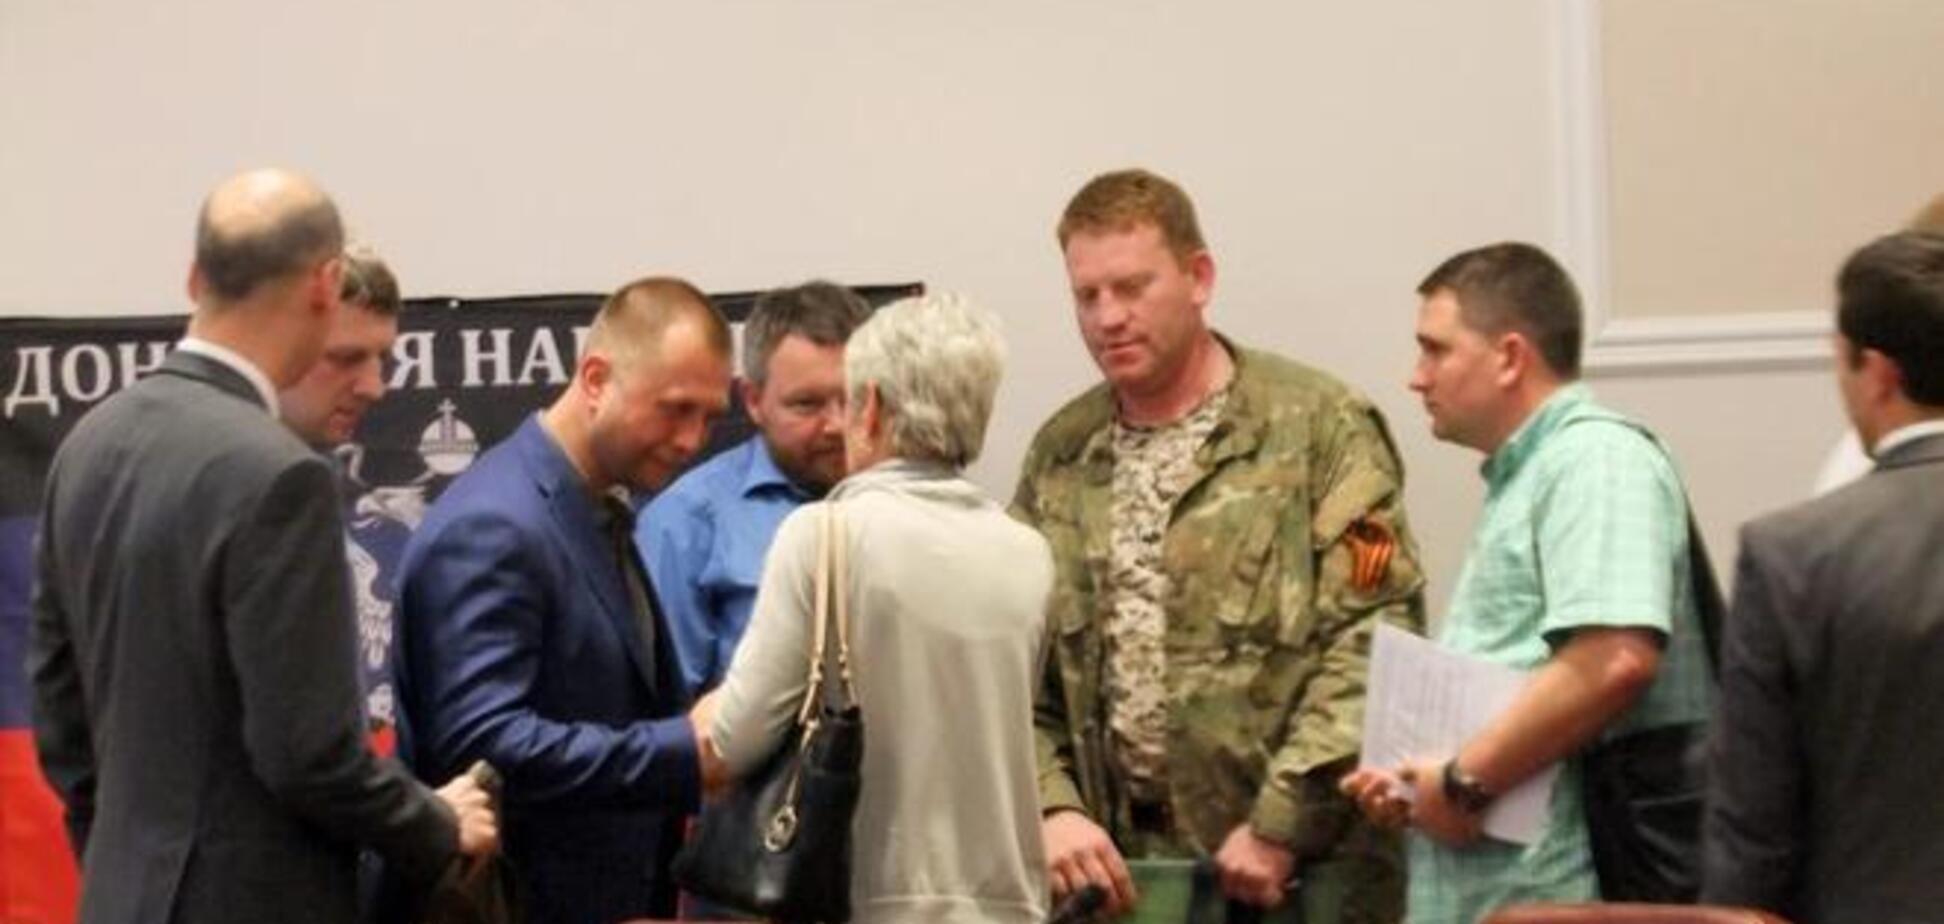 Участники трехсторонней контактной группы определили место встречи в Минске